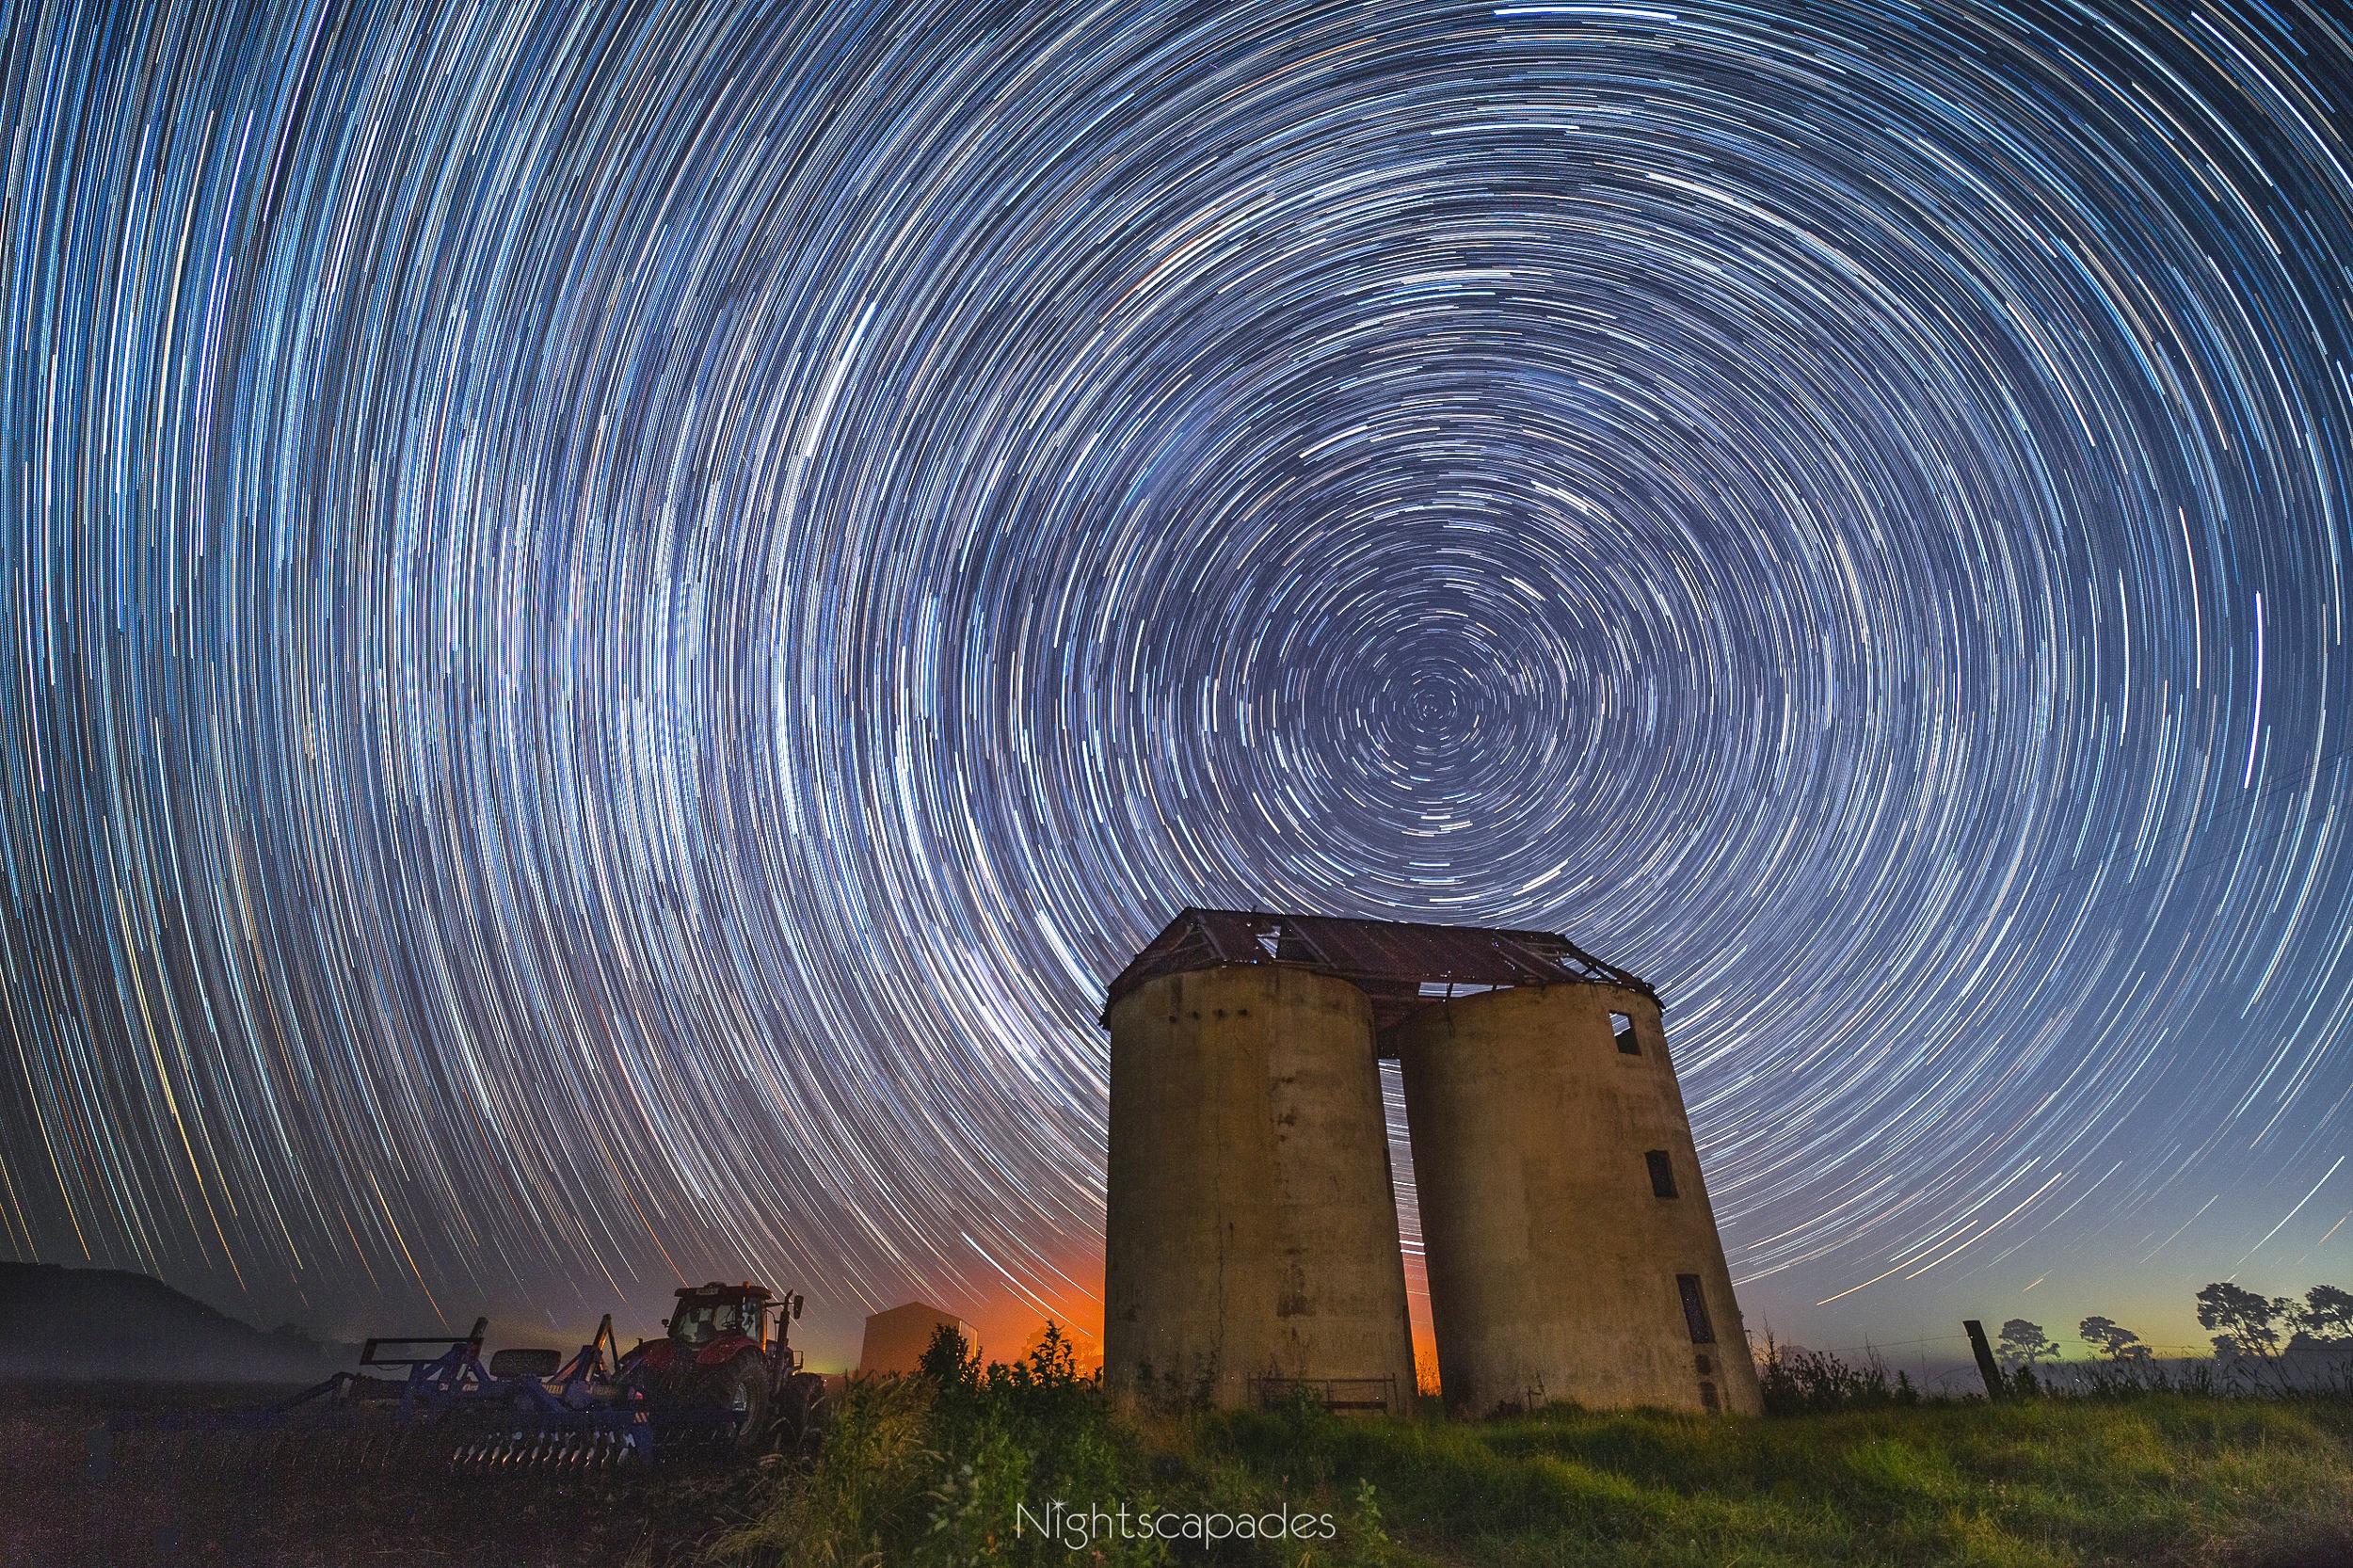 Spinning silos